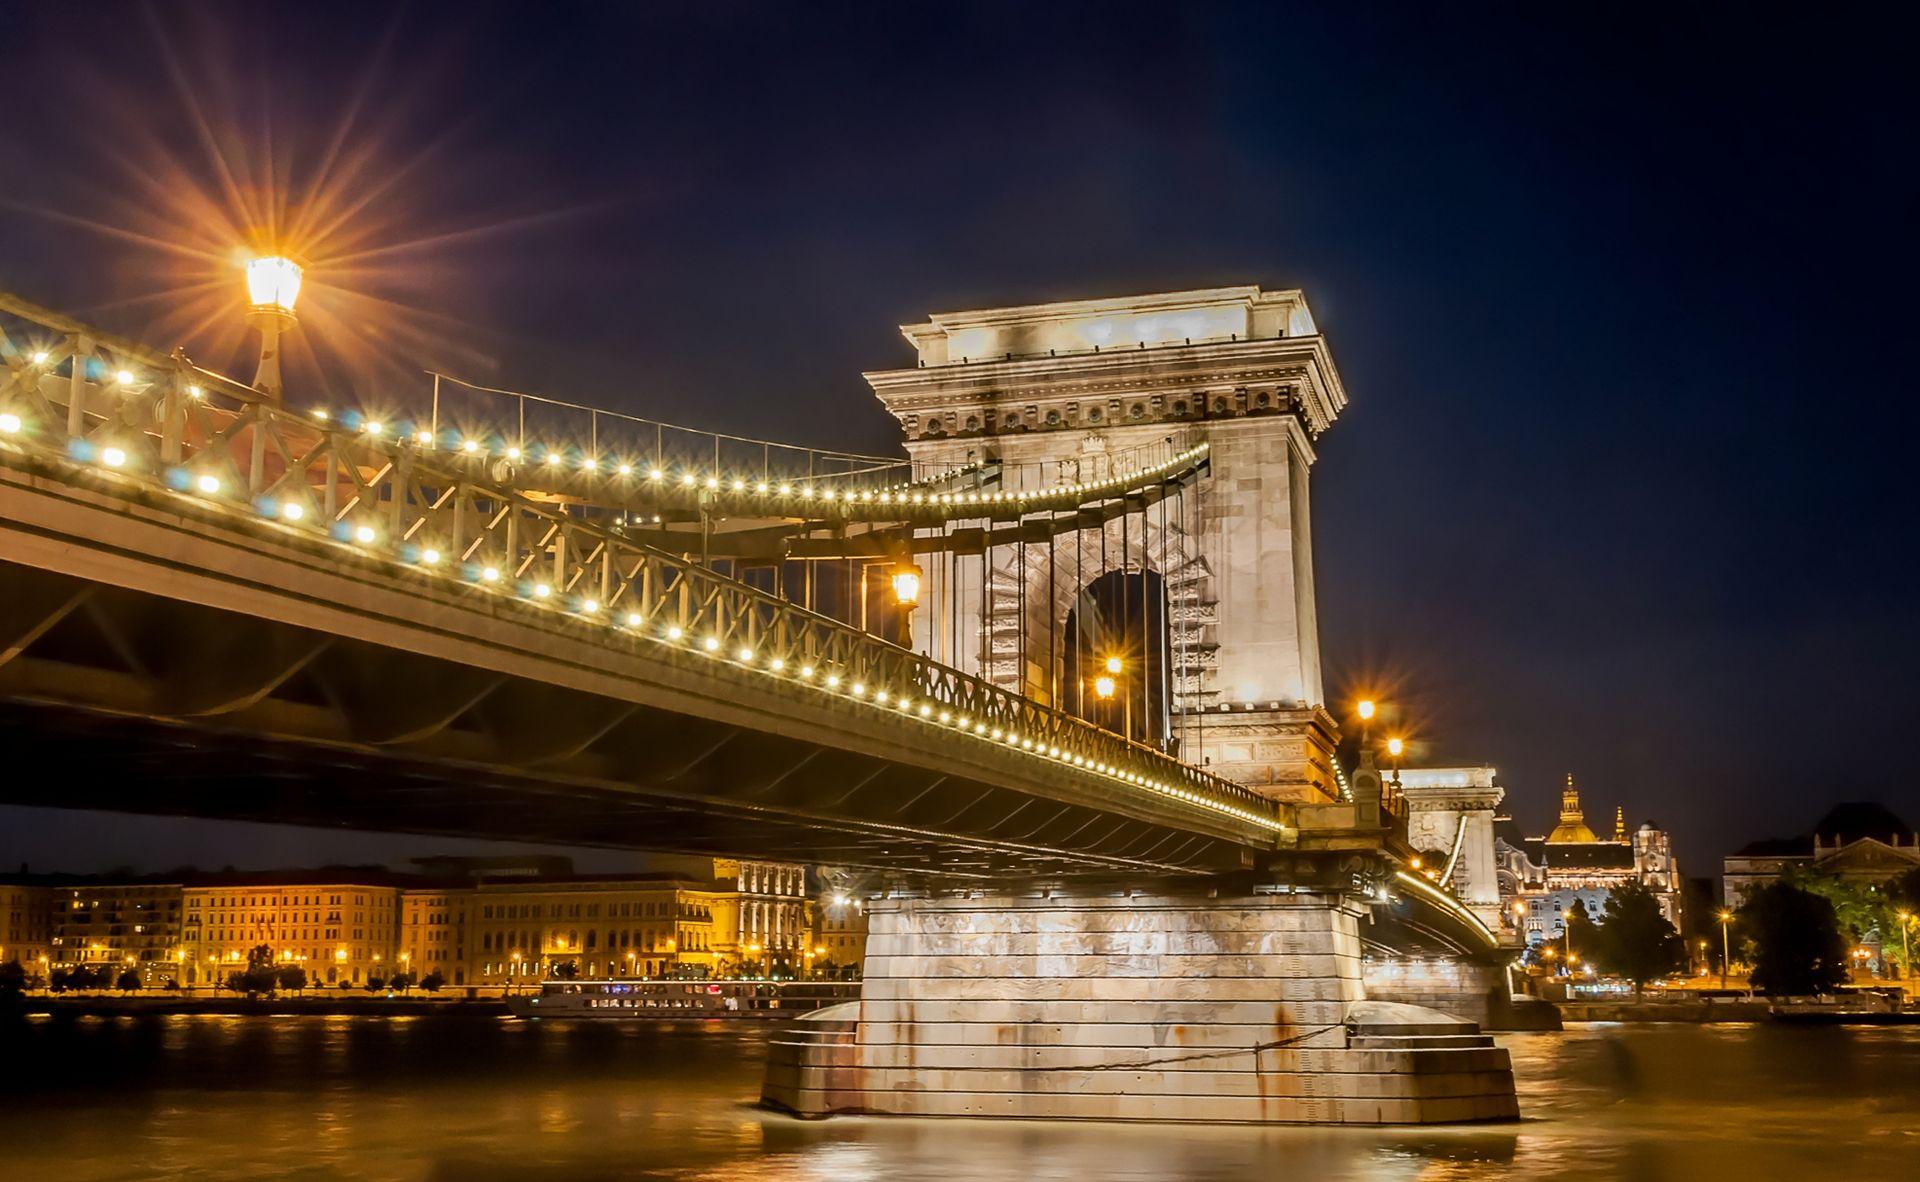 บูดาเปสต์-สะพานข้ามฝั่ง